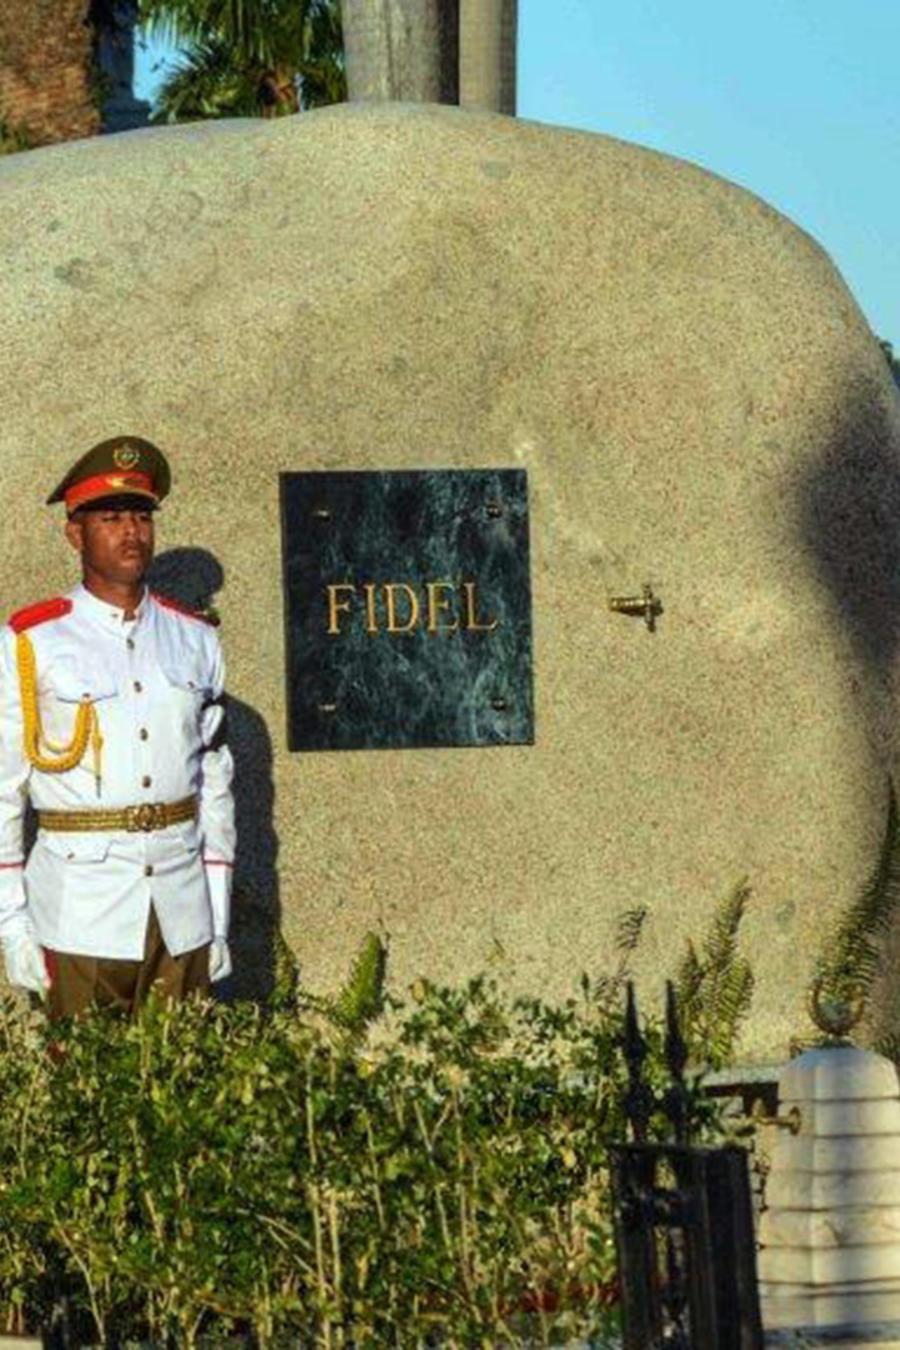 Vista de la tumba la urna que contiene las cenizas del líder cubano Fidel Castro en el cementerio Santa Ifigenia, en Santiago de Cuba, (Cuba) el domingo 4 de diciembre de 2016.